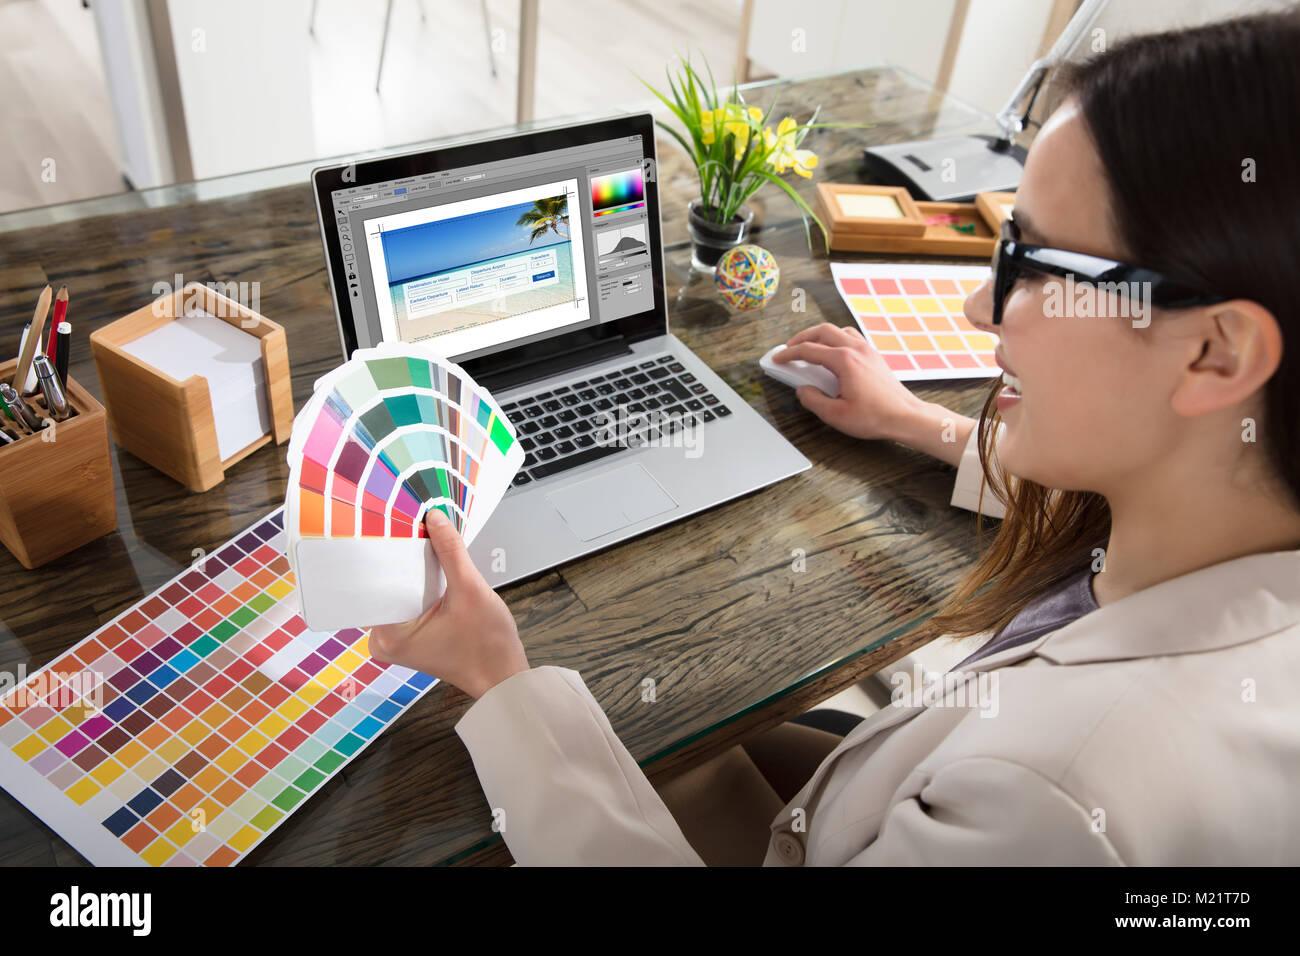 Una hembra diseñador utilizando el portátil mientras mantiene muestras de colores en su mano Imagen De Stock